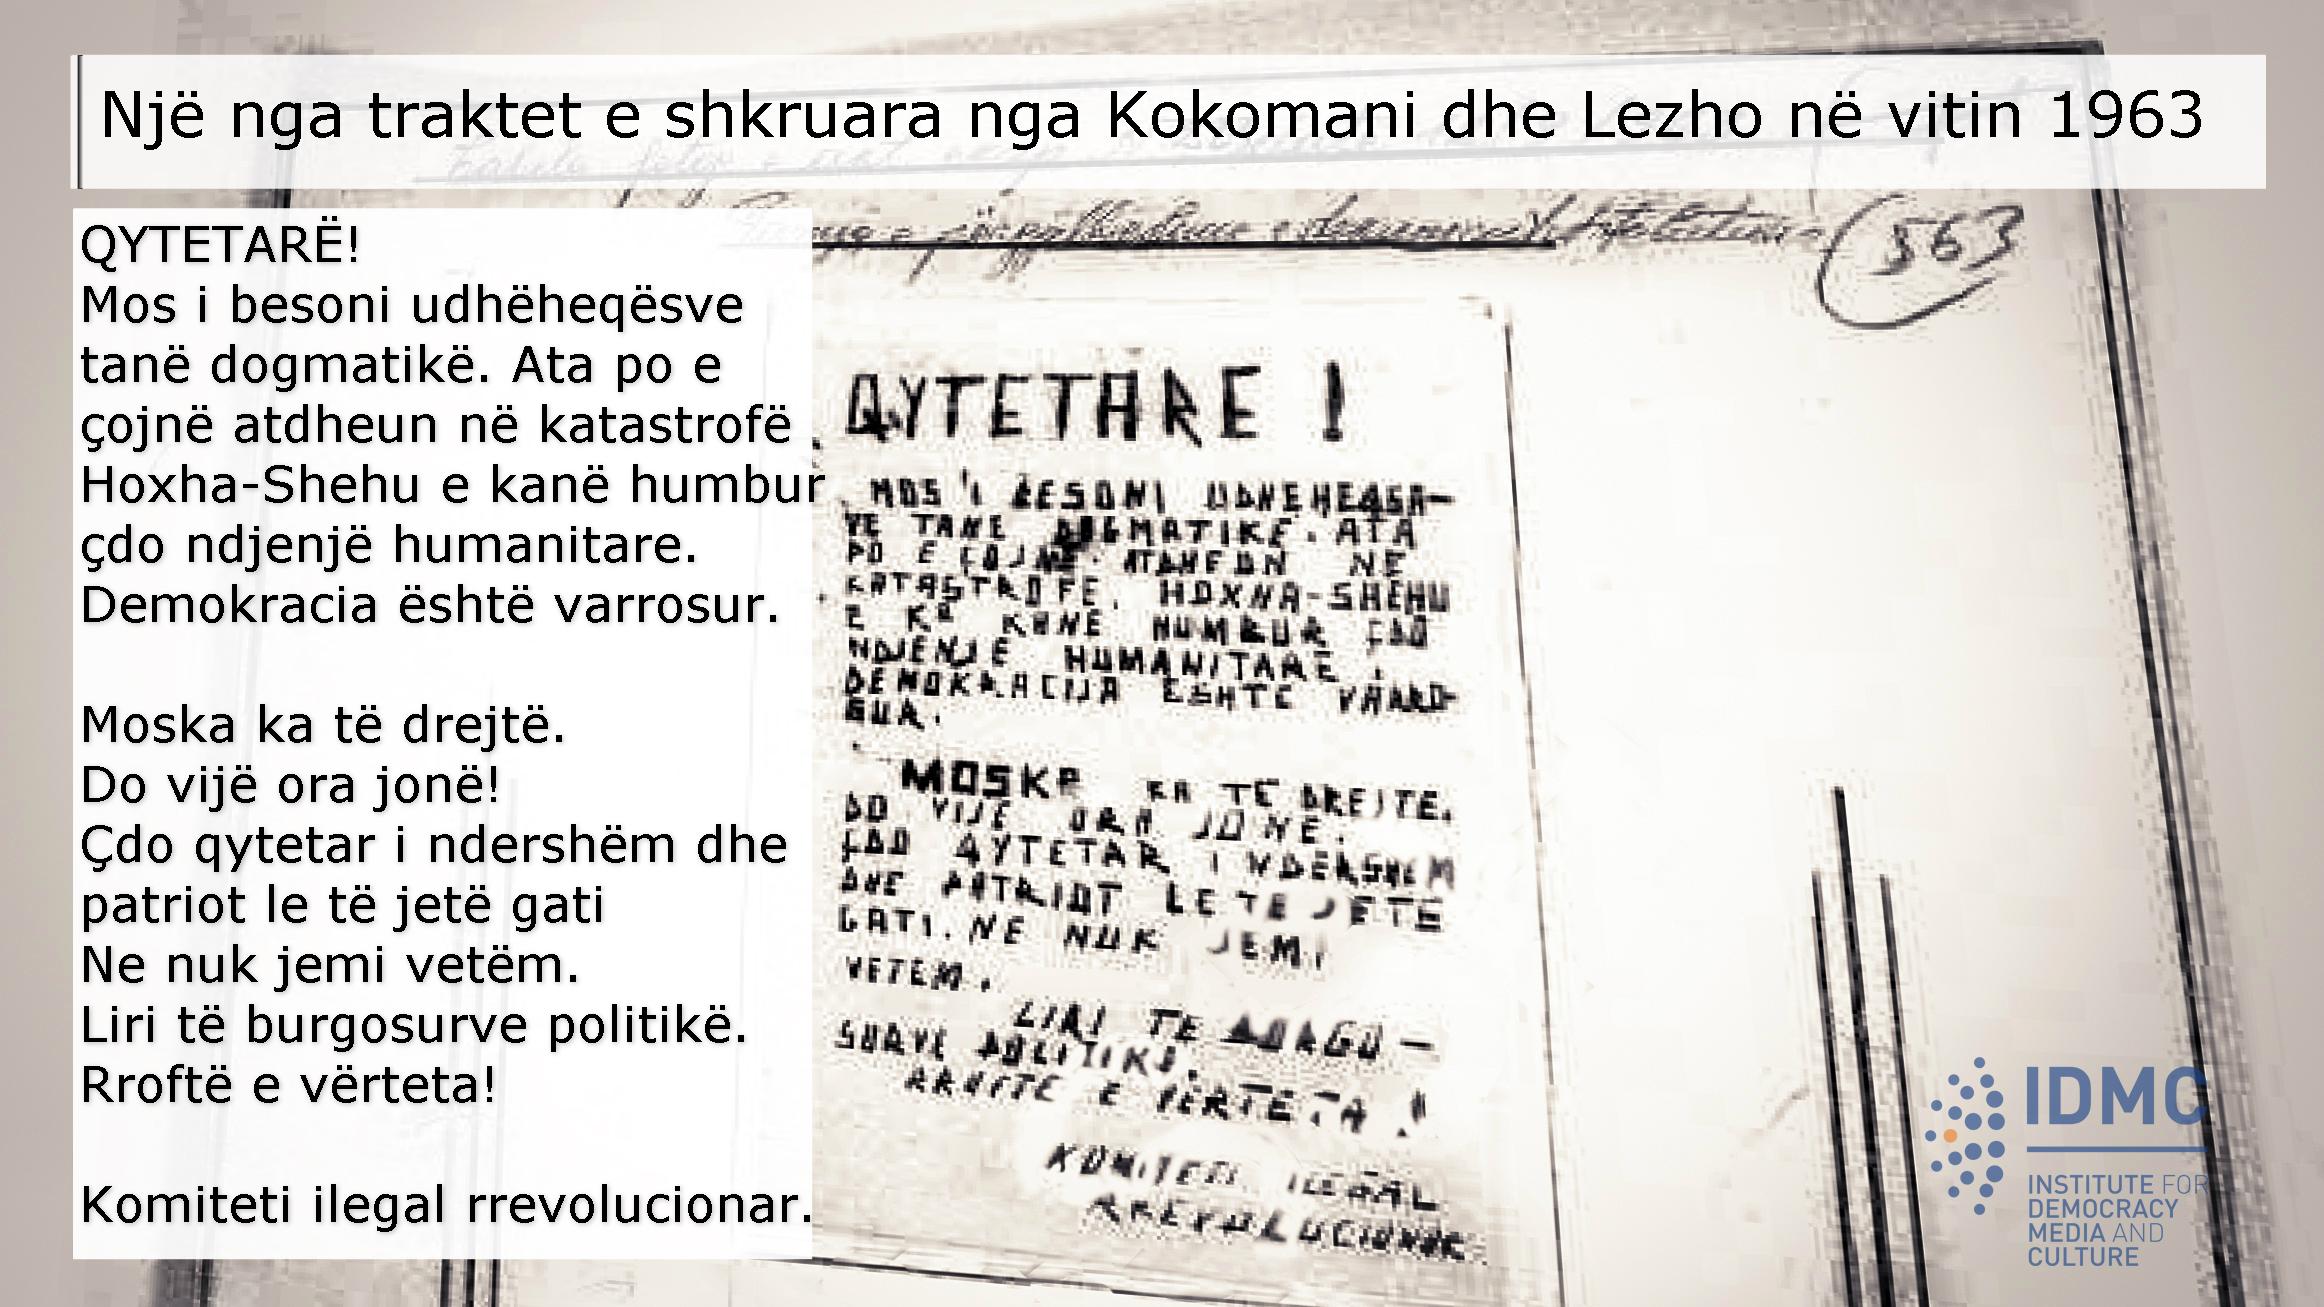 Trakti i vitit 1963 nga grupi i Kokomanit dhe Lezhos